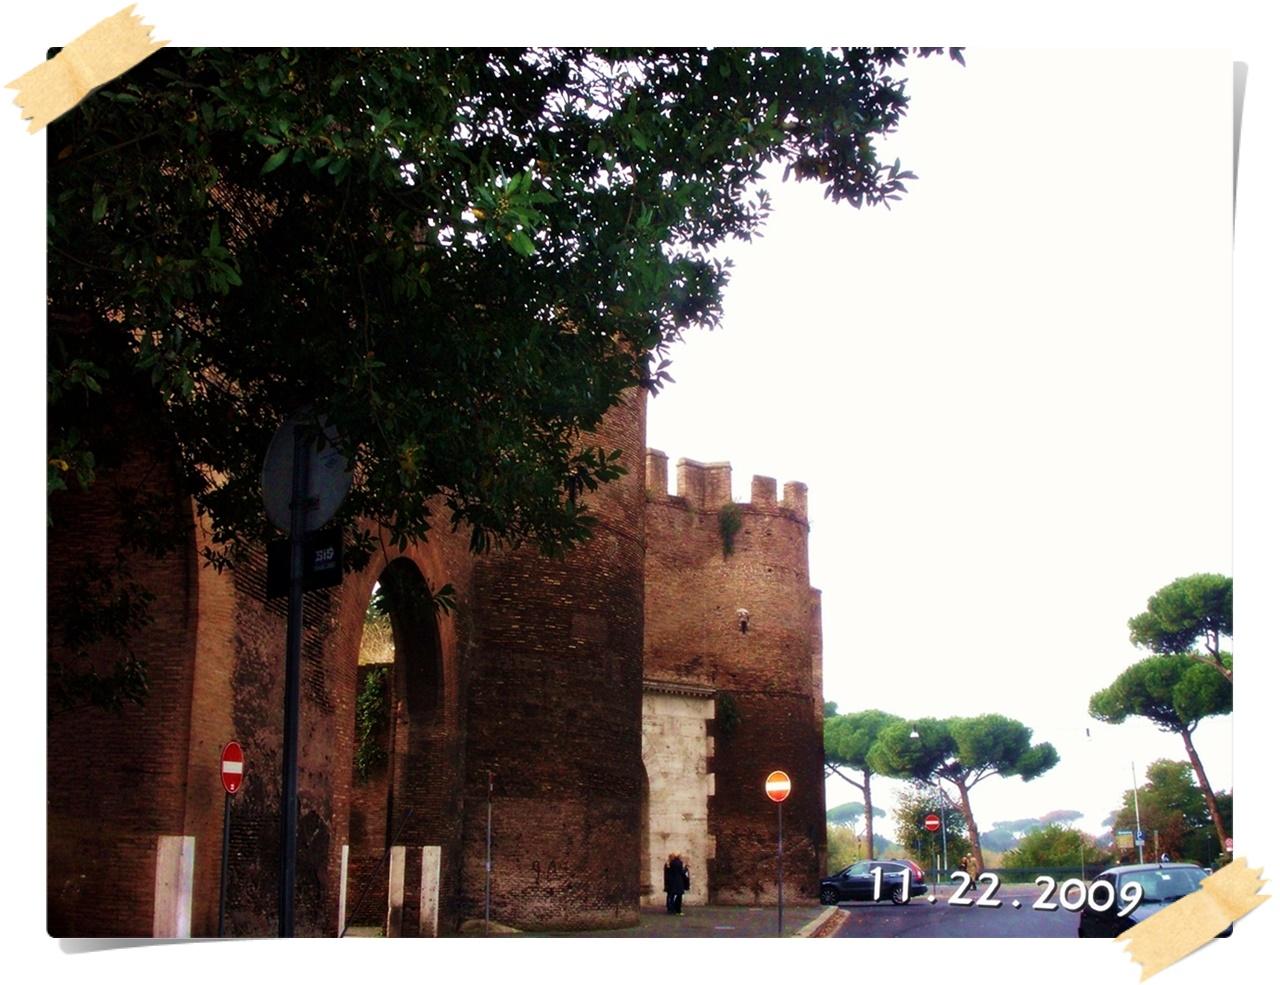 照片回顾 2009/11 意大利 day 2:斗兽场 古罗马广场 威尼斯广场 那沃拉喷泉